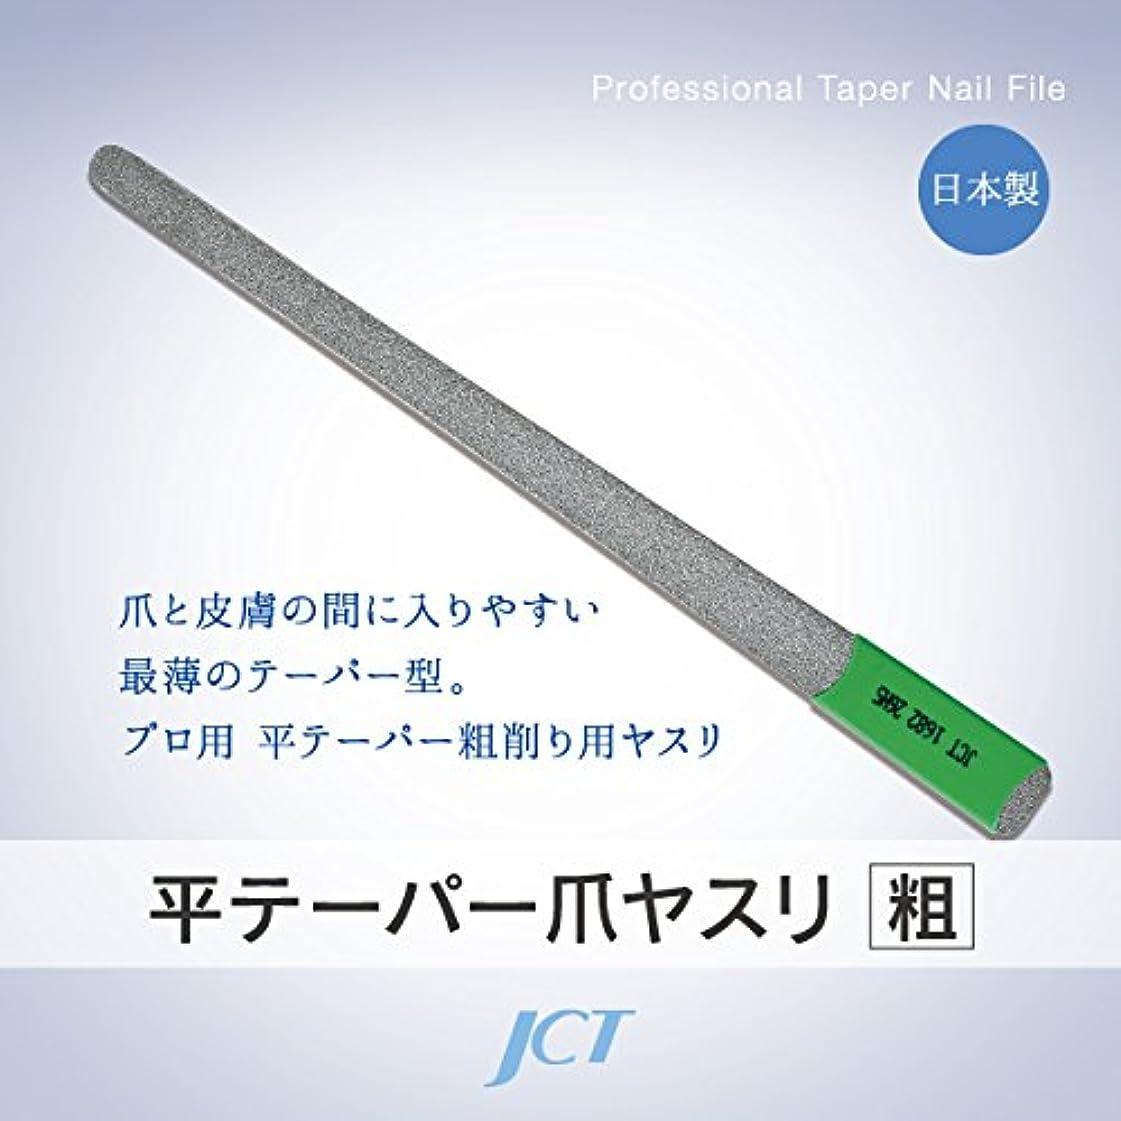 順番故障偽善JCT メディカル フットケア ダイヤモンド平テーパー爪ヤスリ(粗) 滅菌可 日本製 1年間保証付